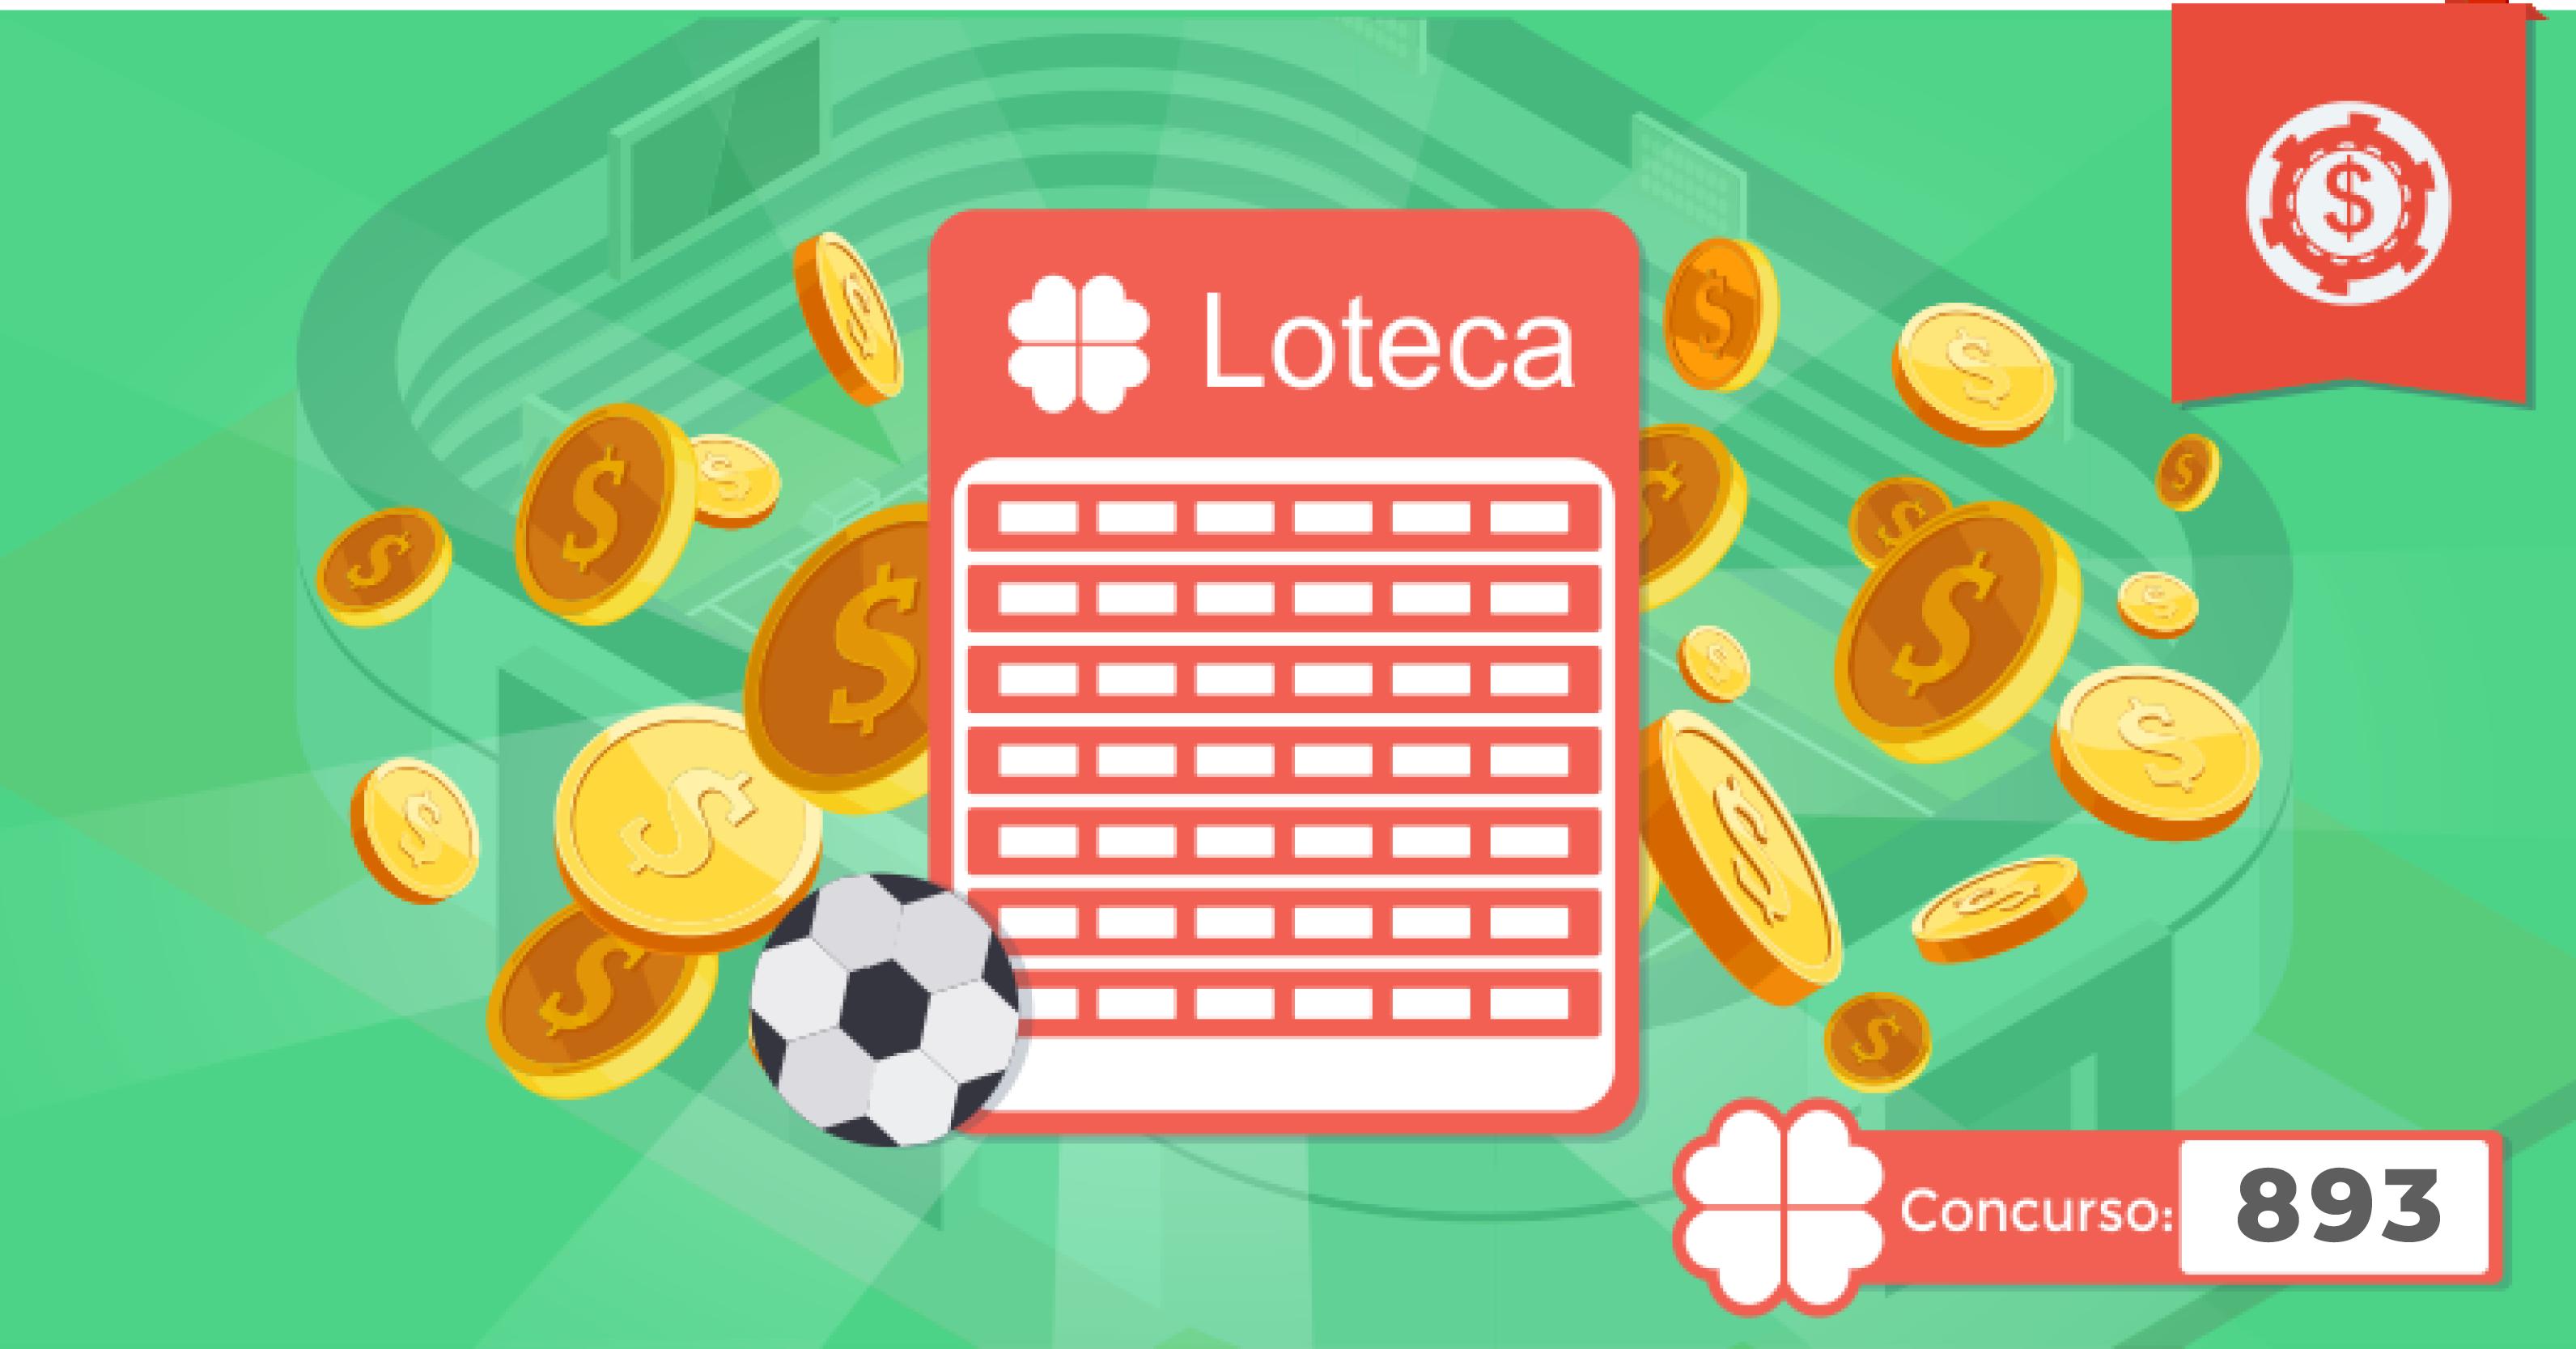 palpites-loteca-893-palpites-loteca-semana